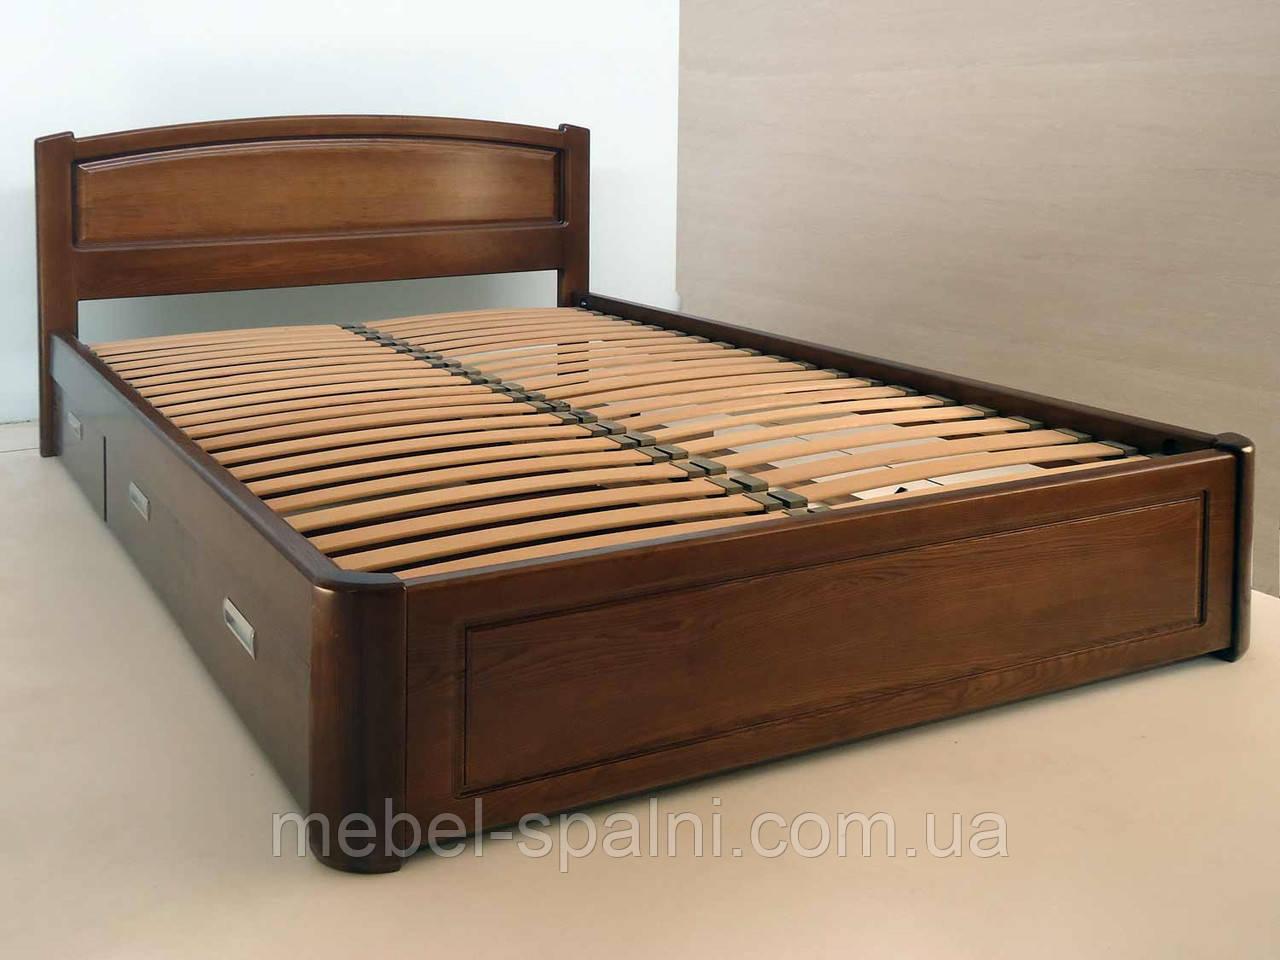 купить кровать 2 спальная кровать двуспальная деревянная C ящиками